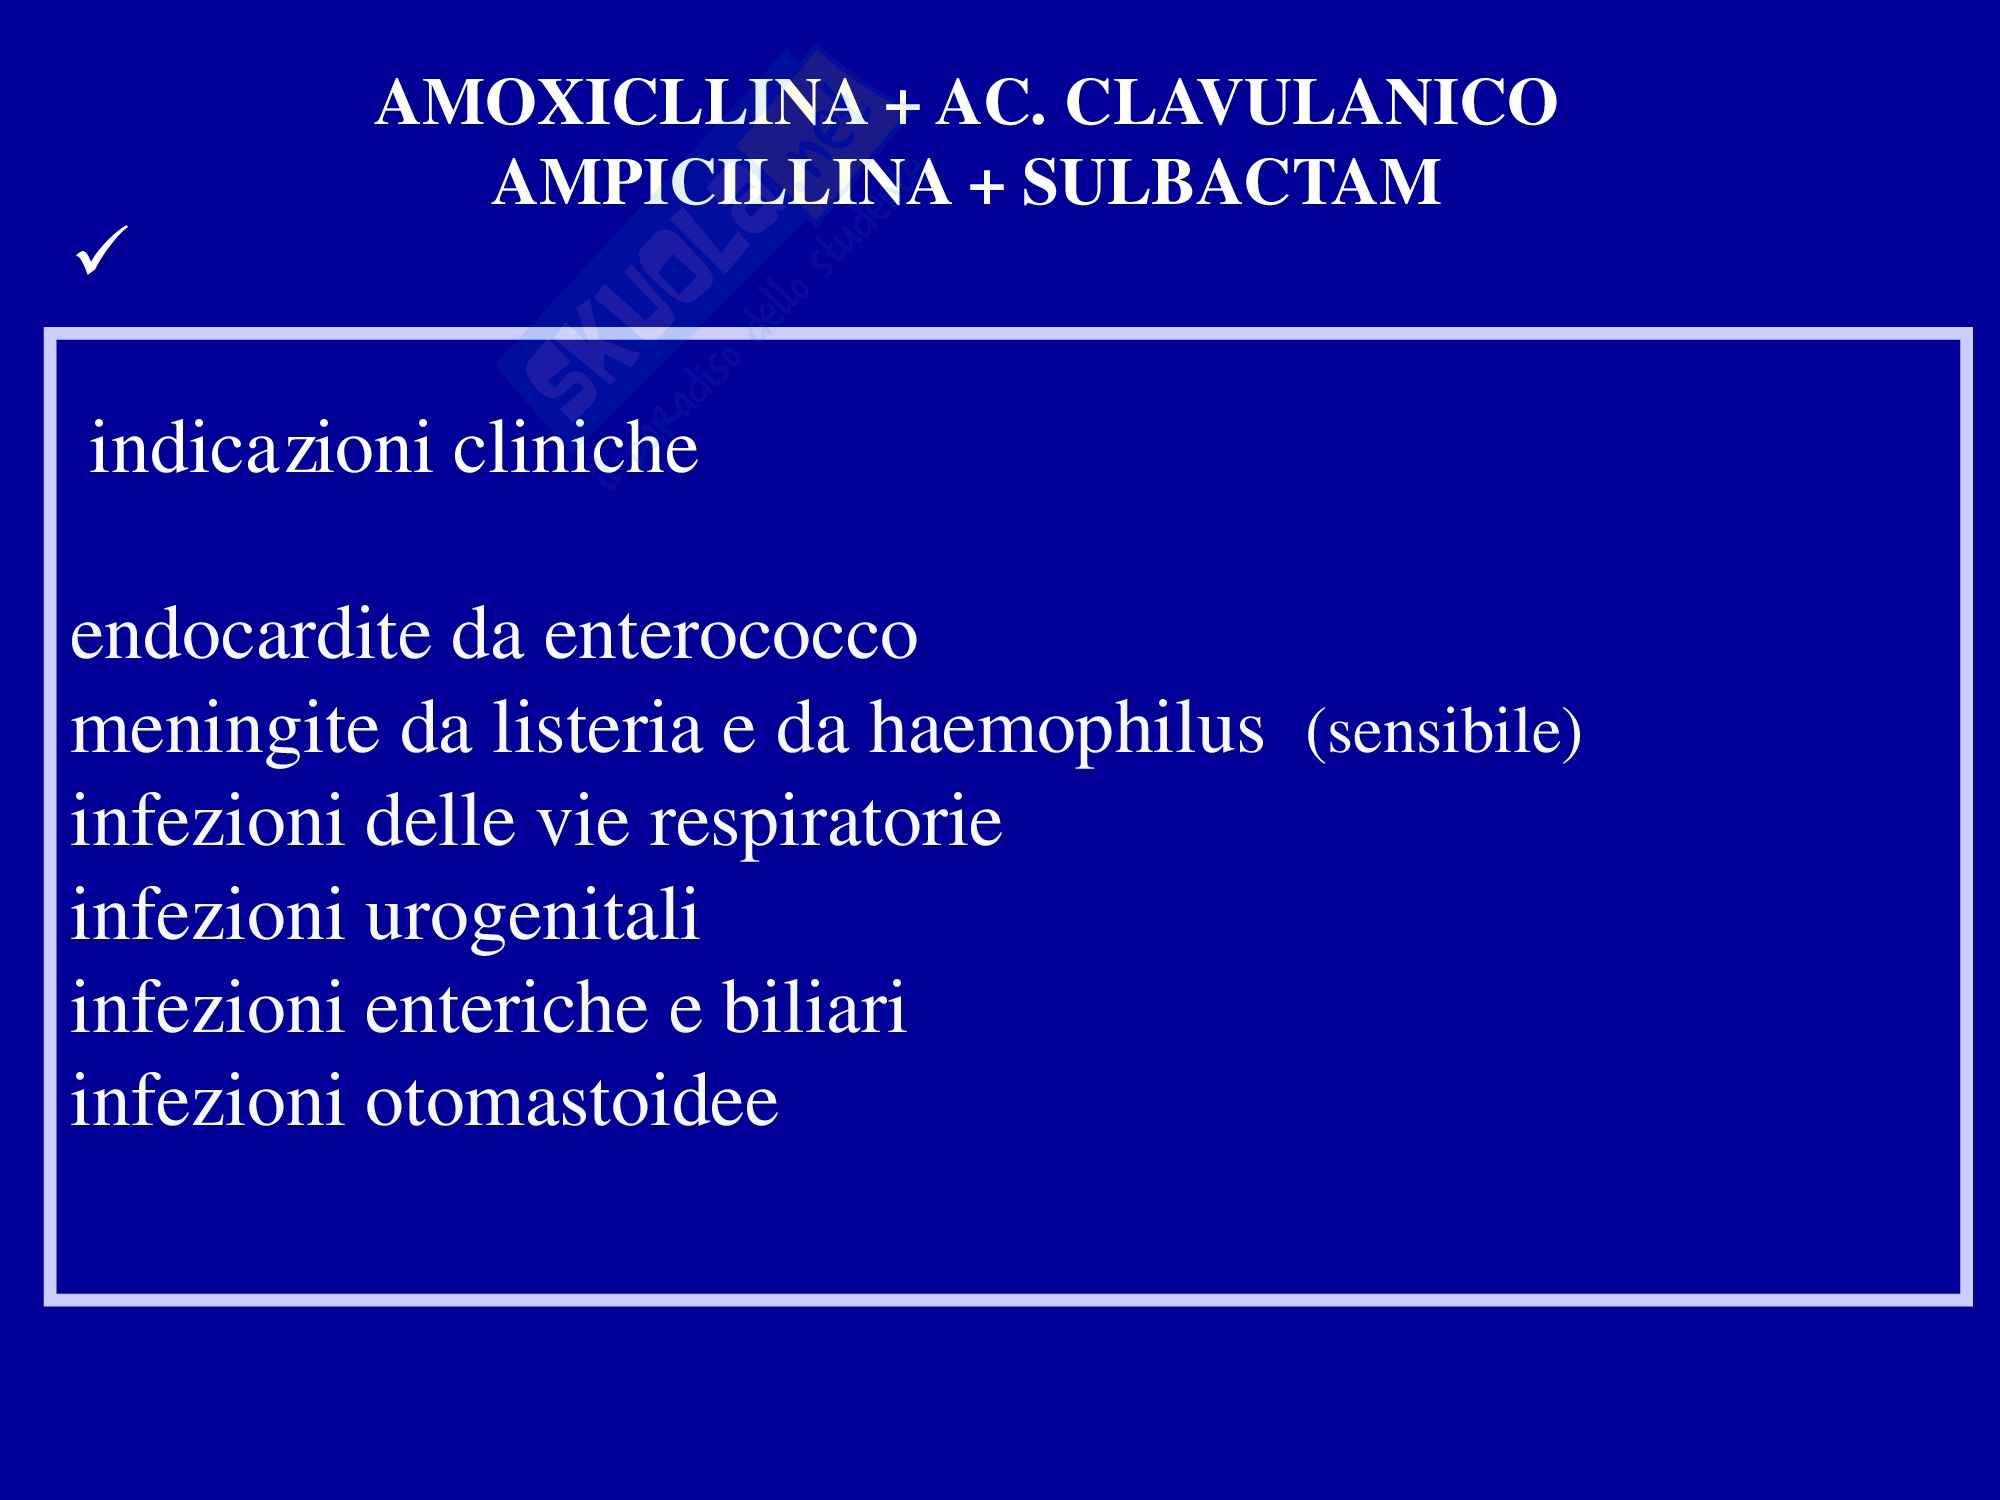 Farmaci betalattamici e aminoglicosidi Pag. 11